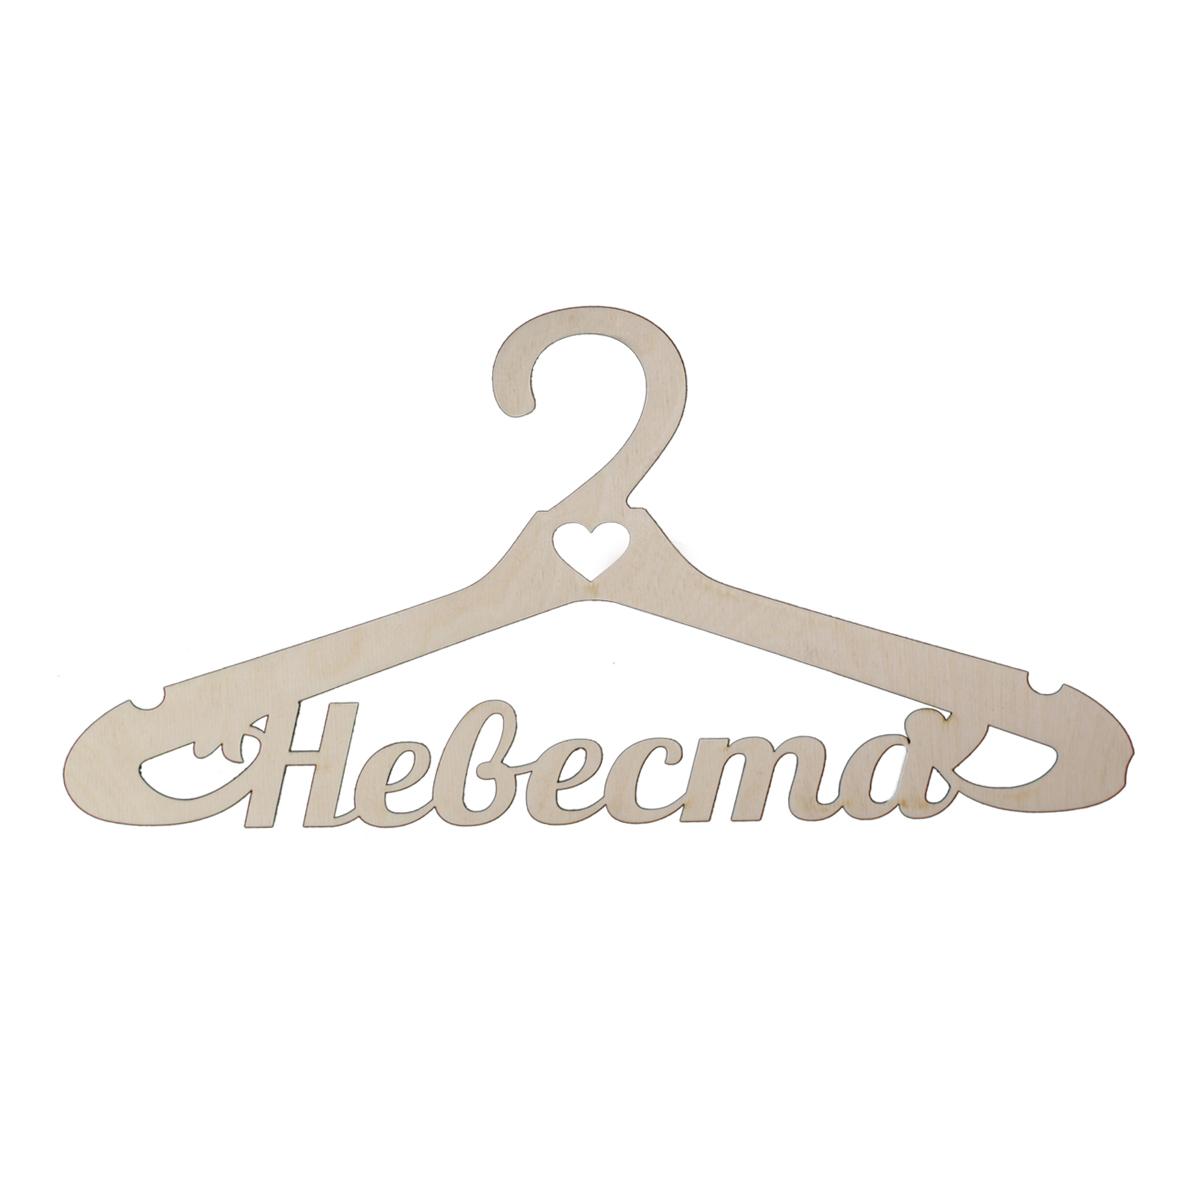 Деревянная заготовка Астра Вешалка Невеста, 42 x 20 см, L-415582070Вашему вниманию предлагается заготовка из дерева бренда Астра. Деревянные заготовки — отличный объект для вашего творчества, а также воплощения самых креативных задумок и идей. Дерево - материл, который прекрасно подходит для декупажа, декорирования бисером, росписи и так далее.